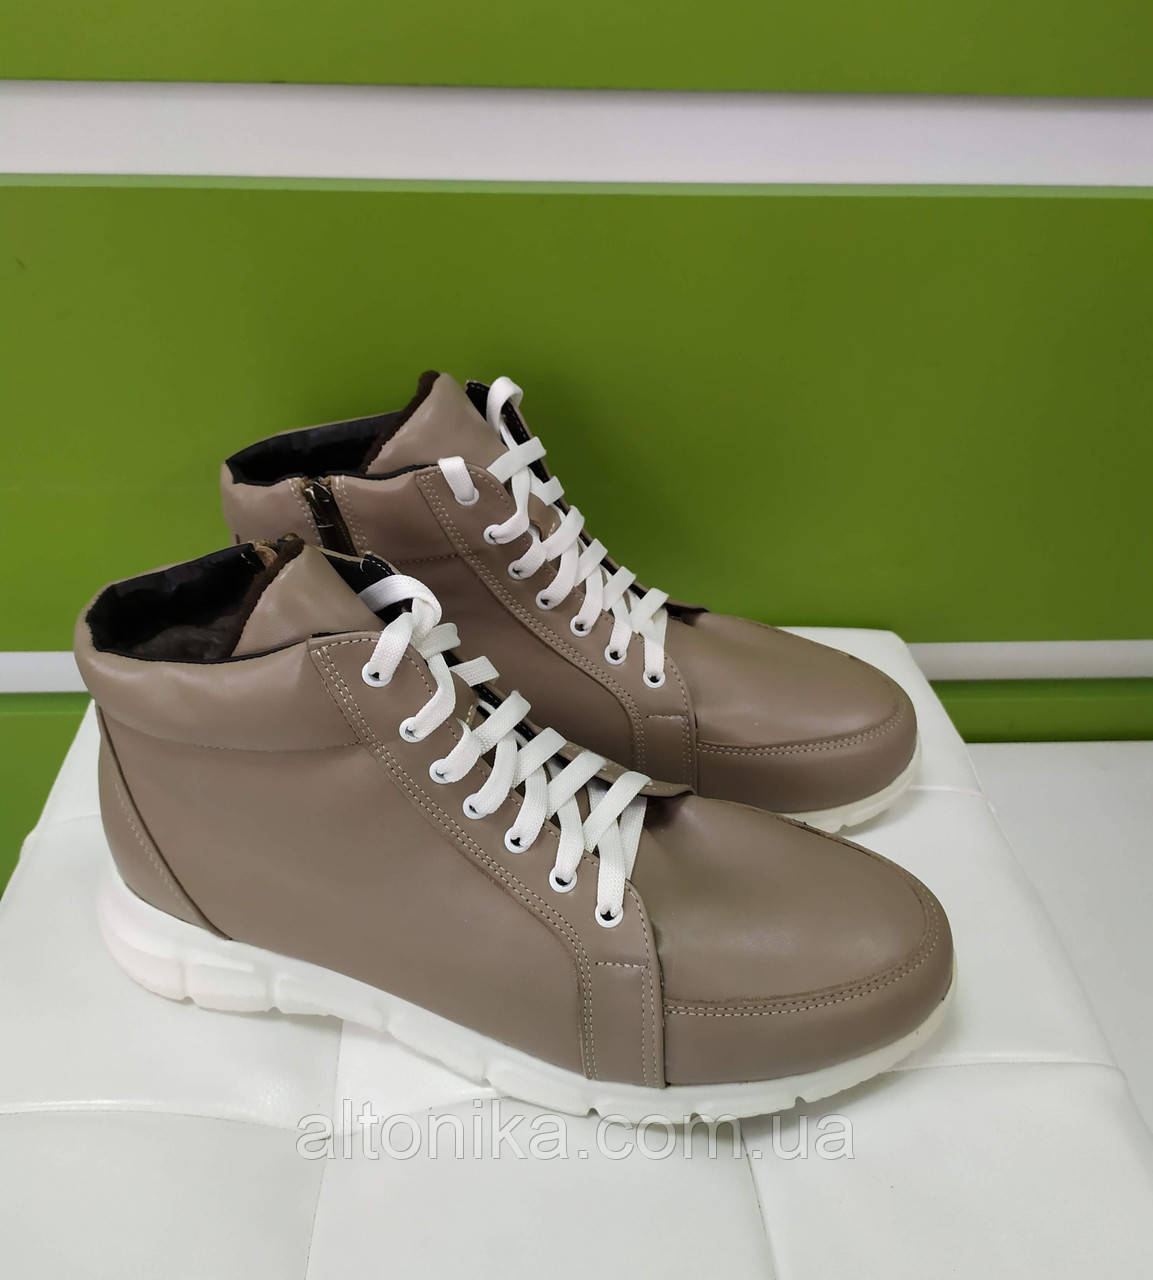 STTOPA деми зима. Размеры 40-44. Ботинки кожаные на широкую ногу больших размеров! С9-58-4044-35-4044 Бежевые